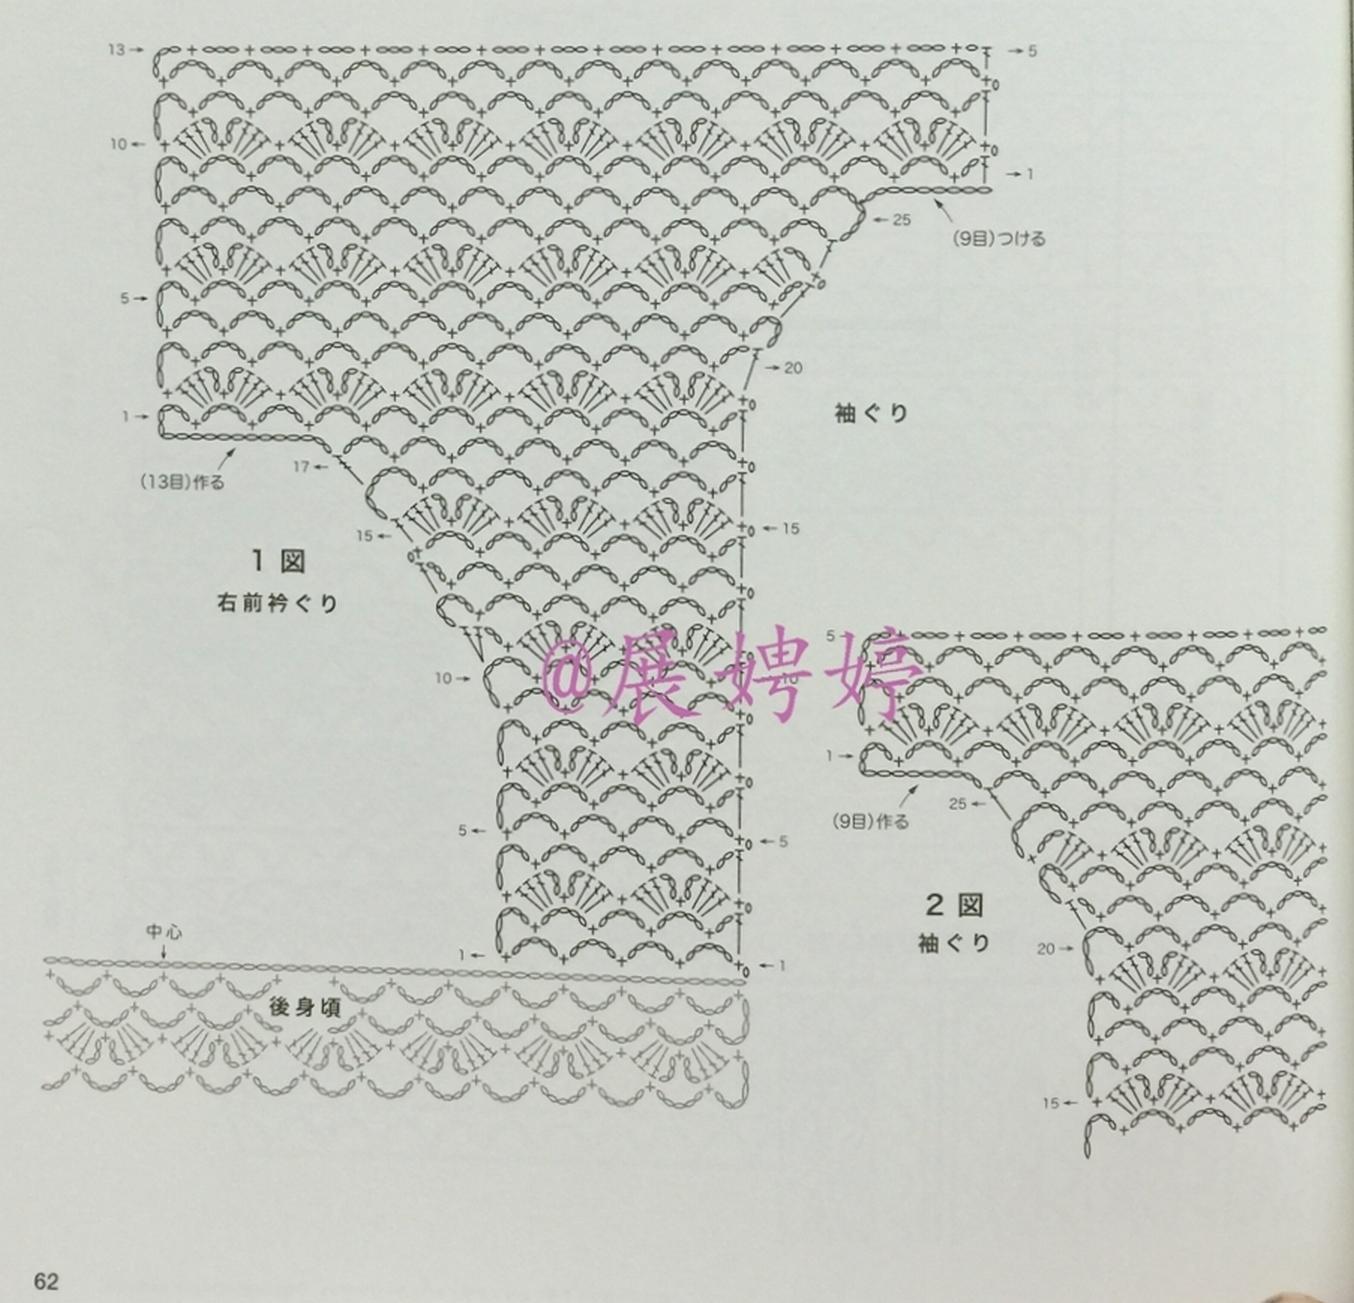 0482_LKS NV80420 (18)